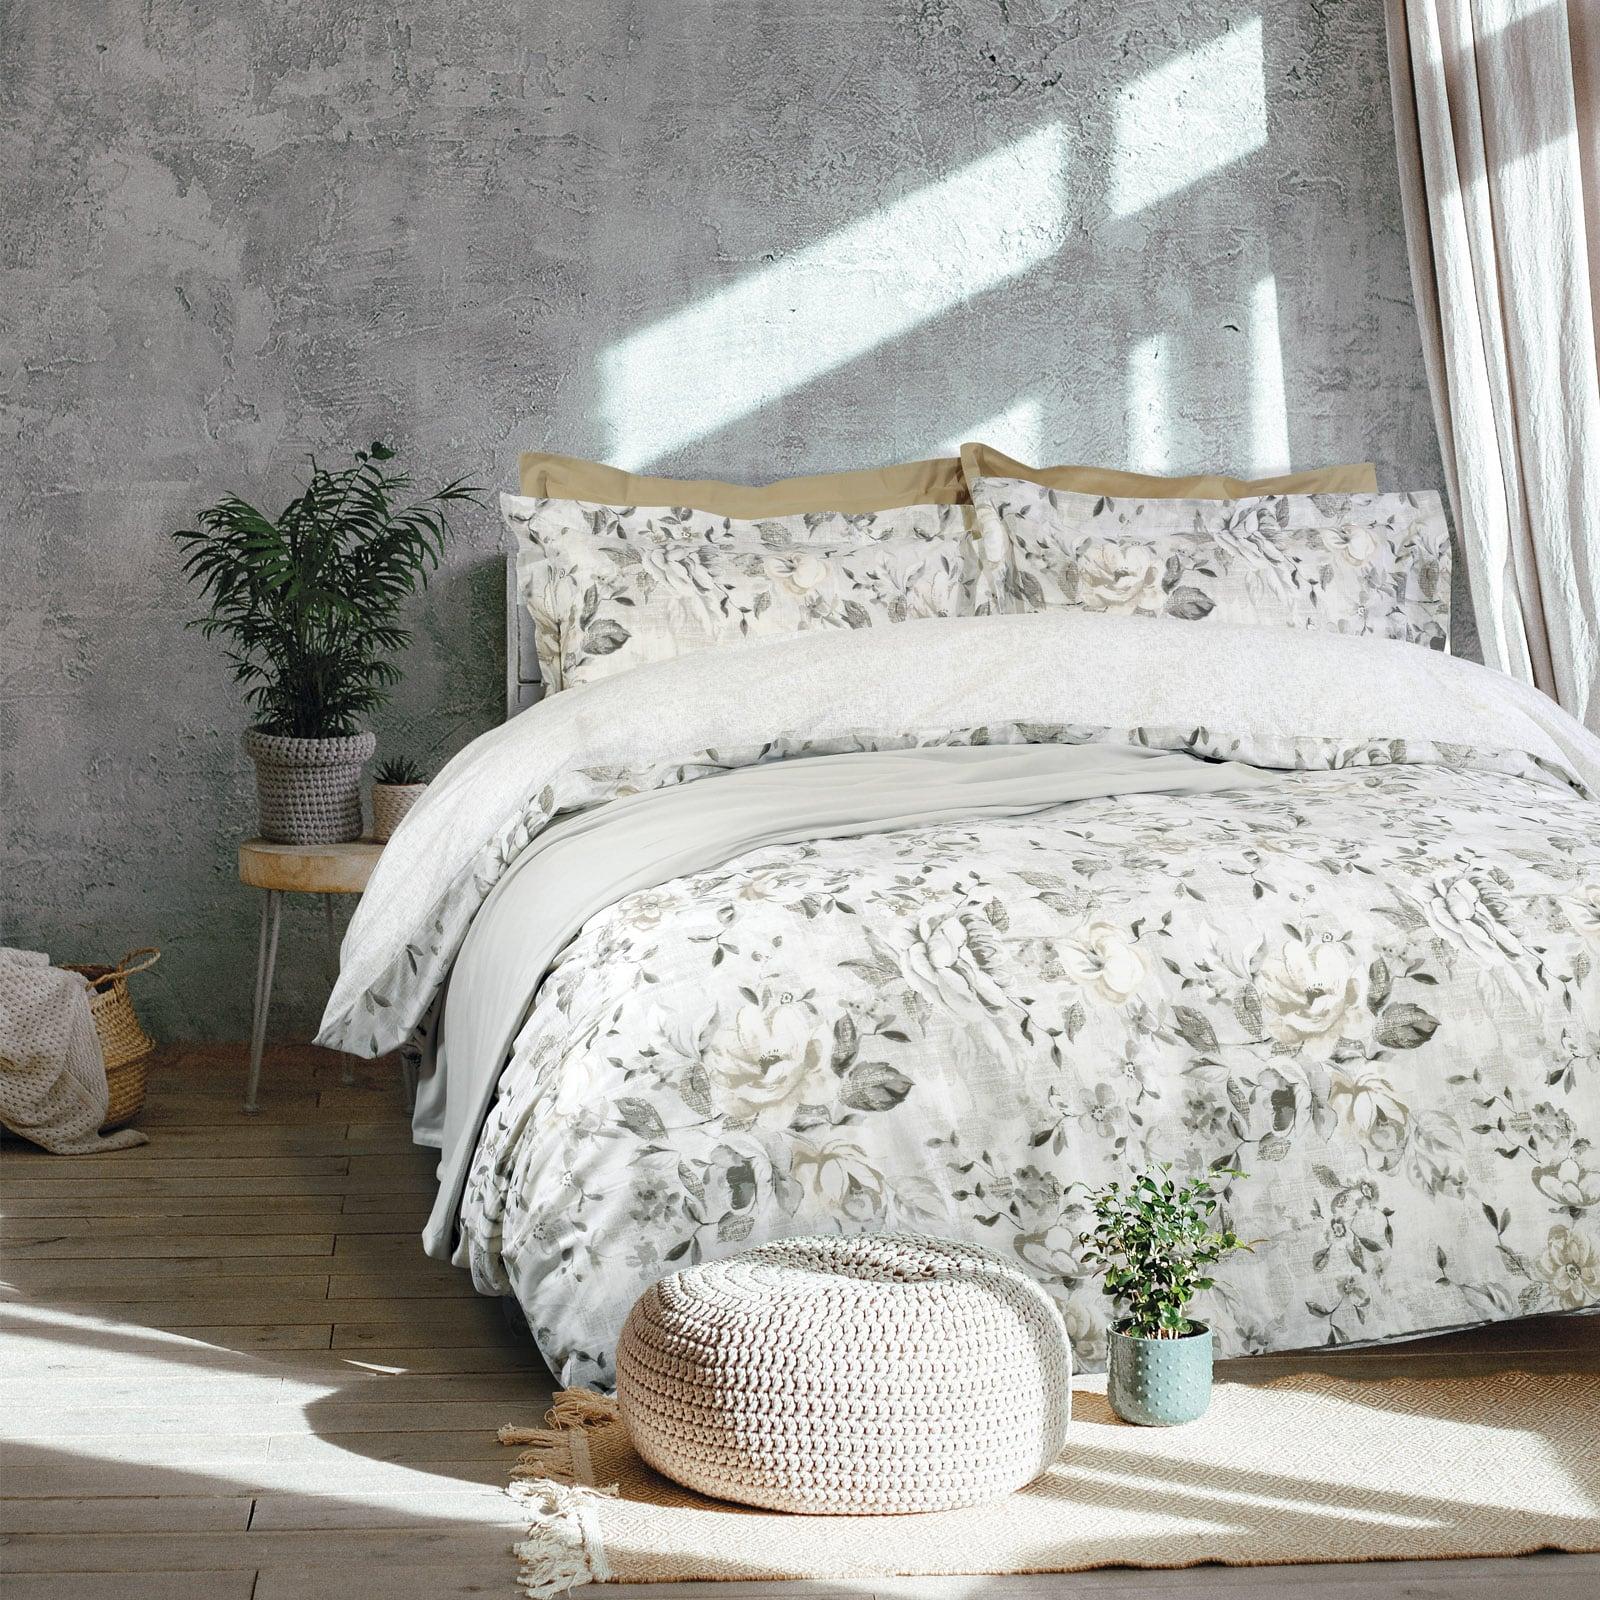 Σεντόνια Σετ 4τμχ Με Λάστιχο 9486 Happy Grey Das Home Υπέρδιπλo 170x235cm